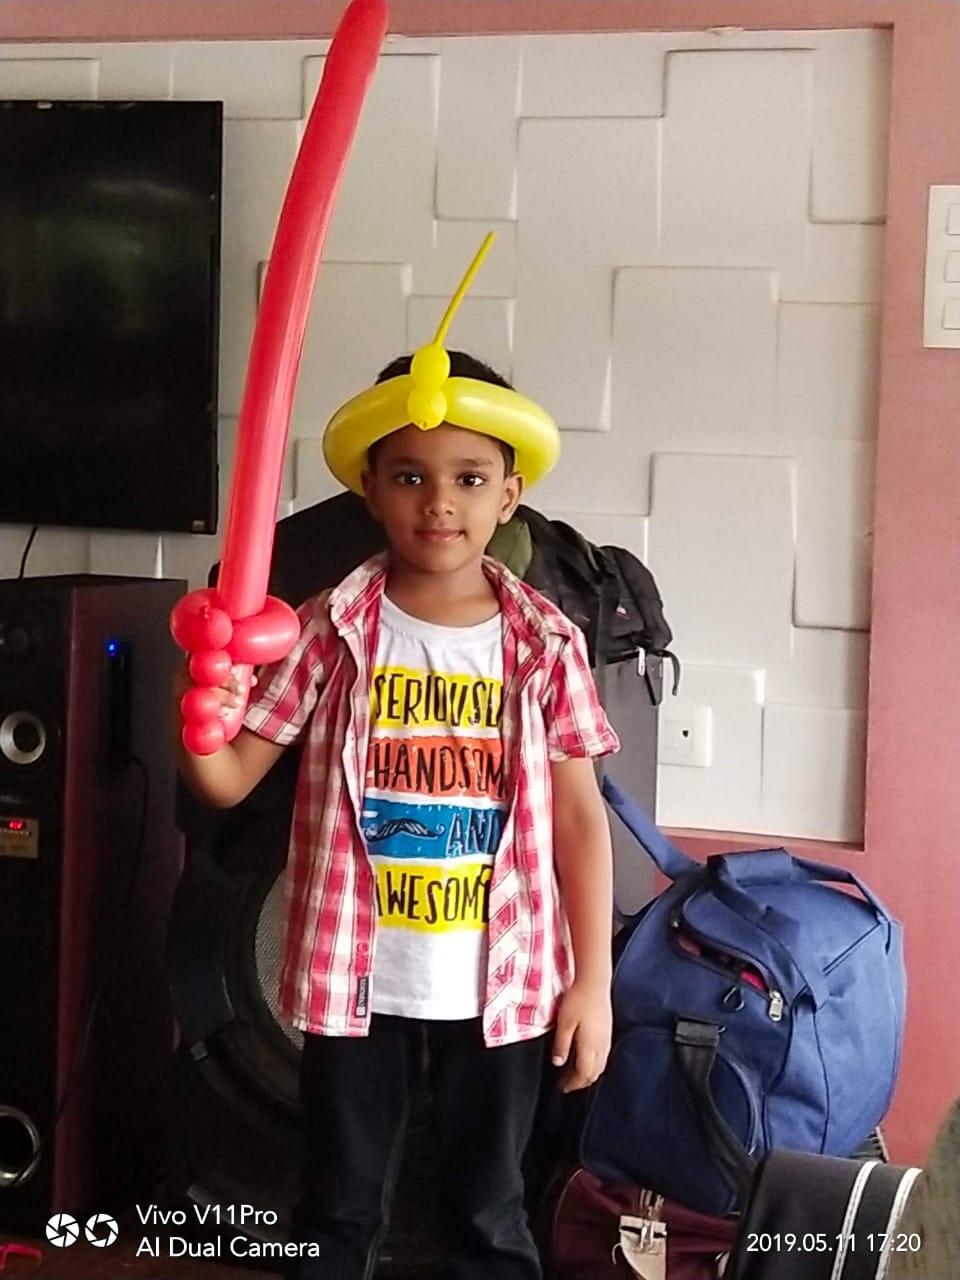 ಬೆಳ್ತಂಗಡಿಯಲ್ಲಿ 8 ವರ್ಷದ ಬಾಲಕನ ಅಪಹರಣ